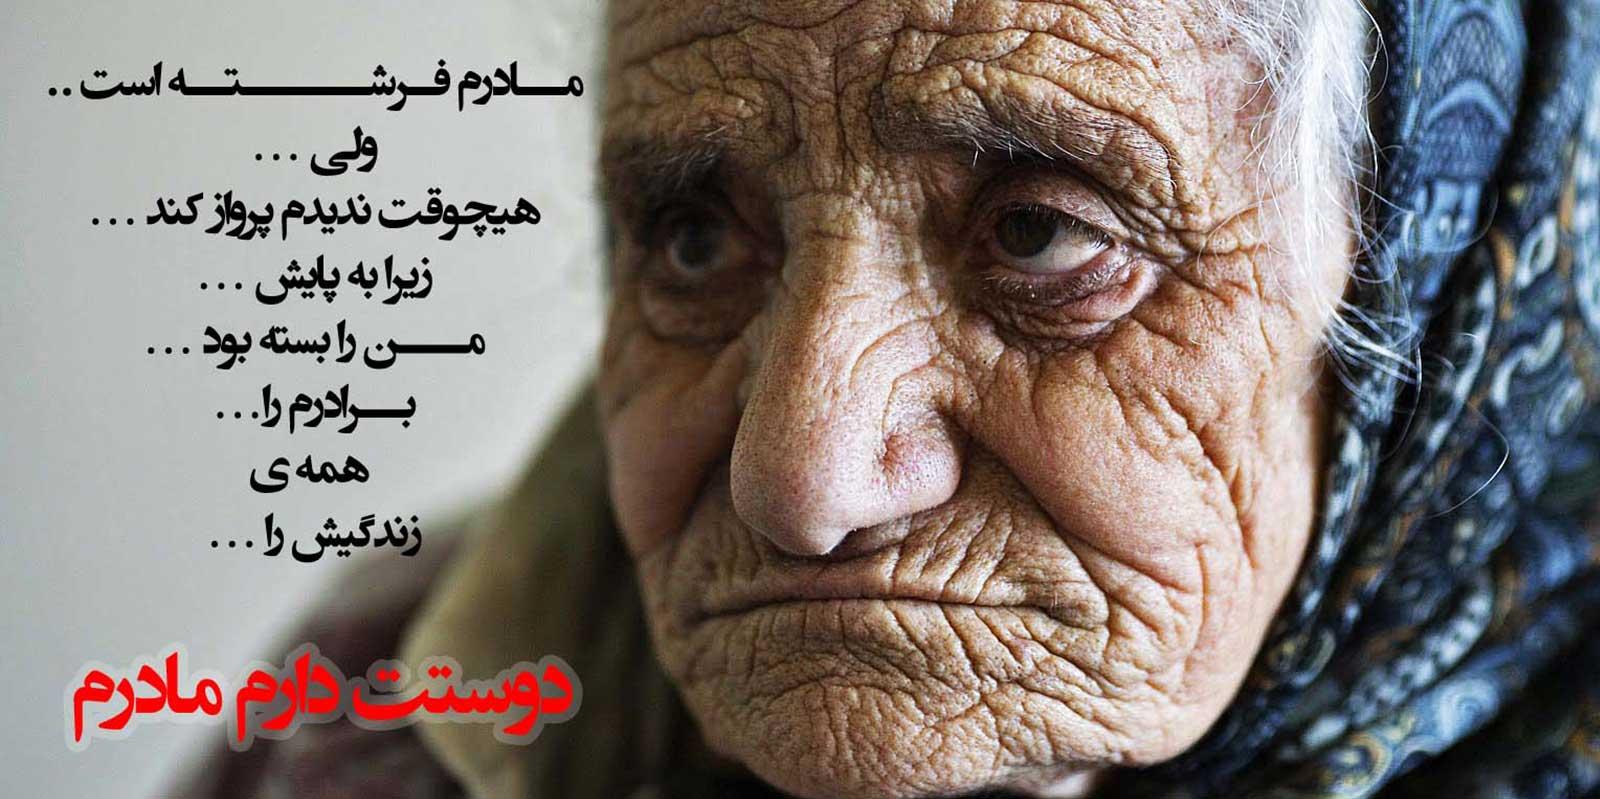 داستان سایه مادری (نوشته مسعود مردیها)